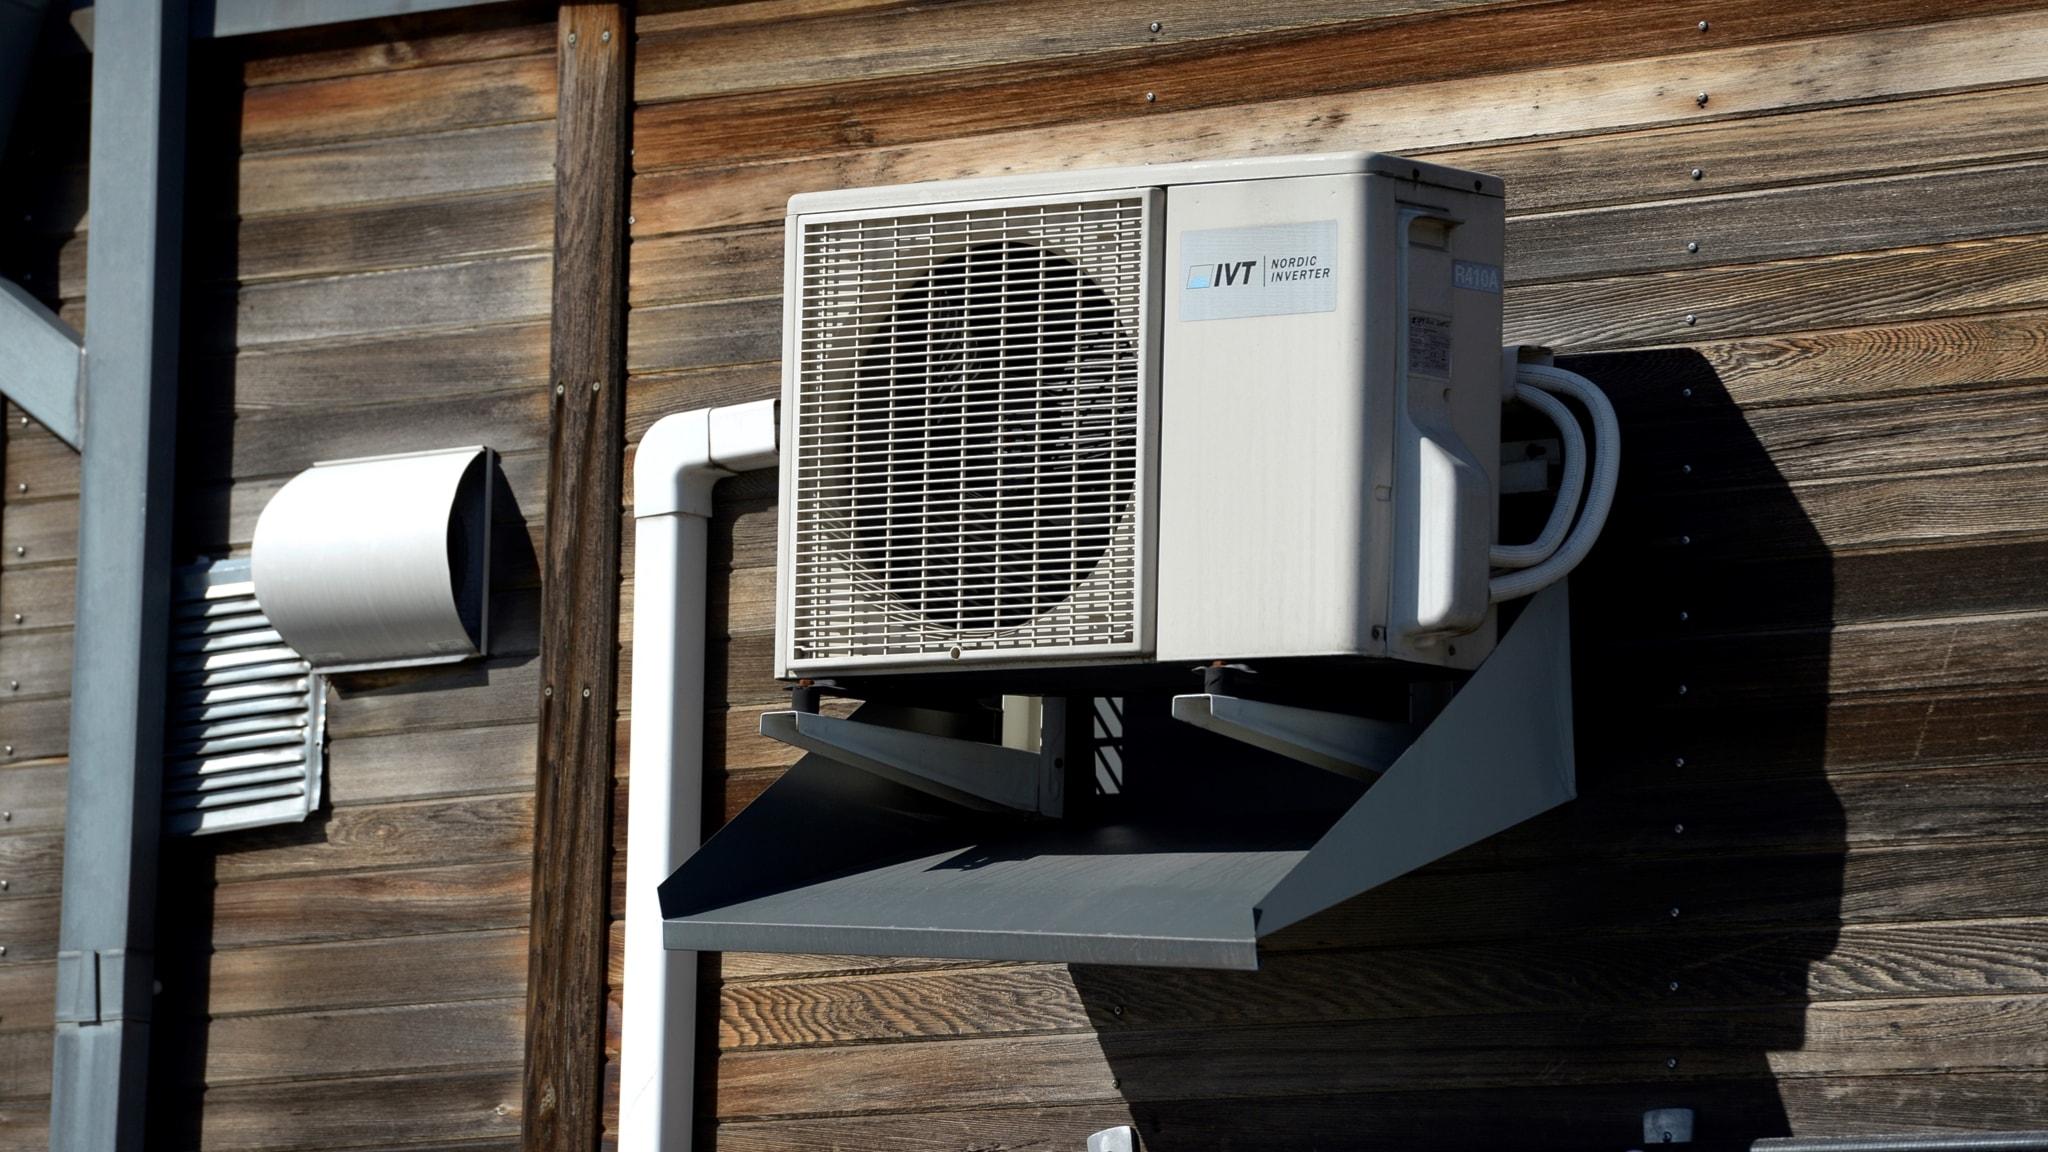 miljökrav kan leda till brist på värmepumpar - nyheter (ekot